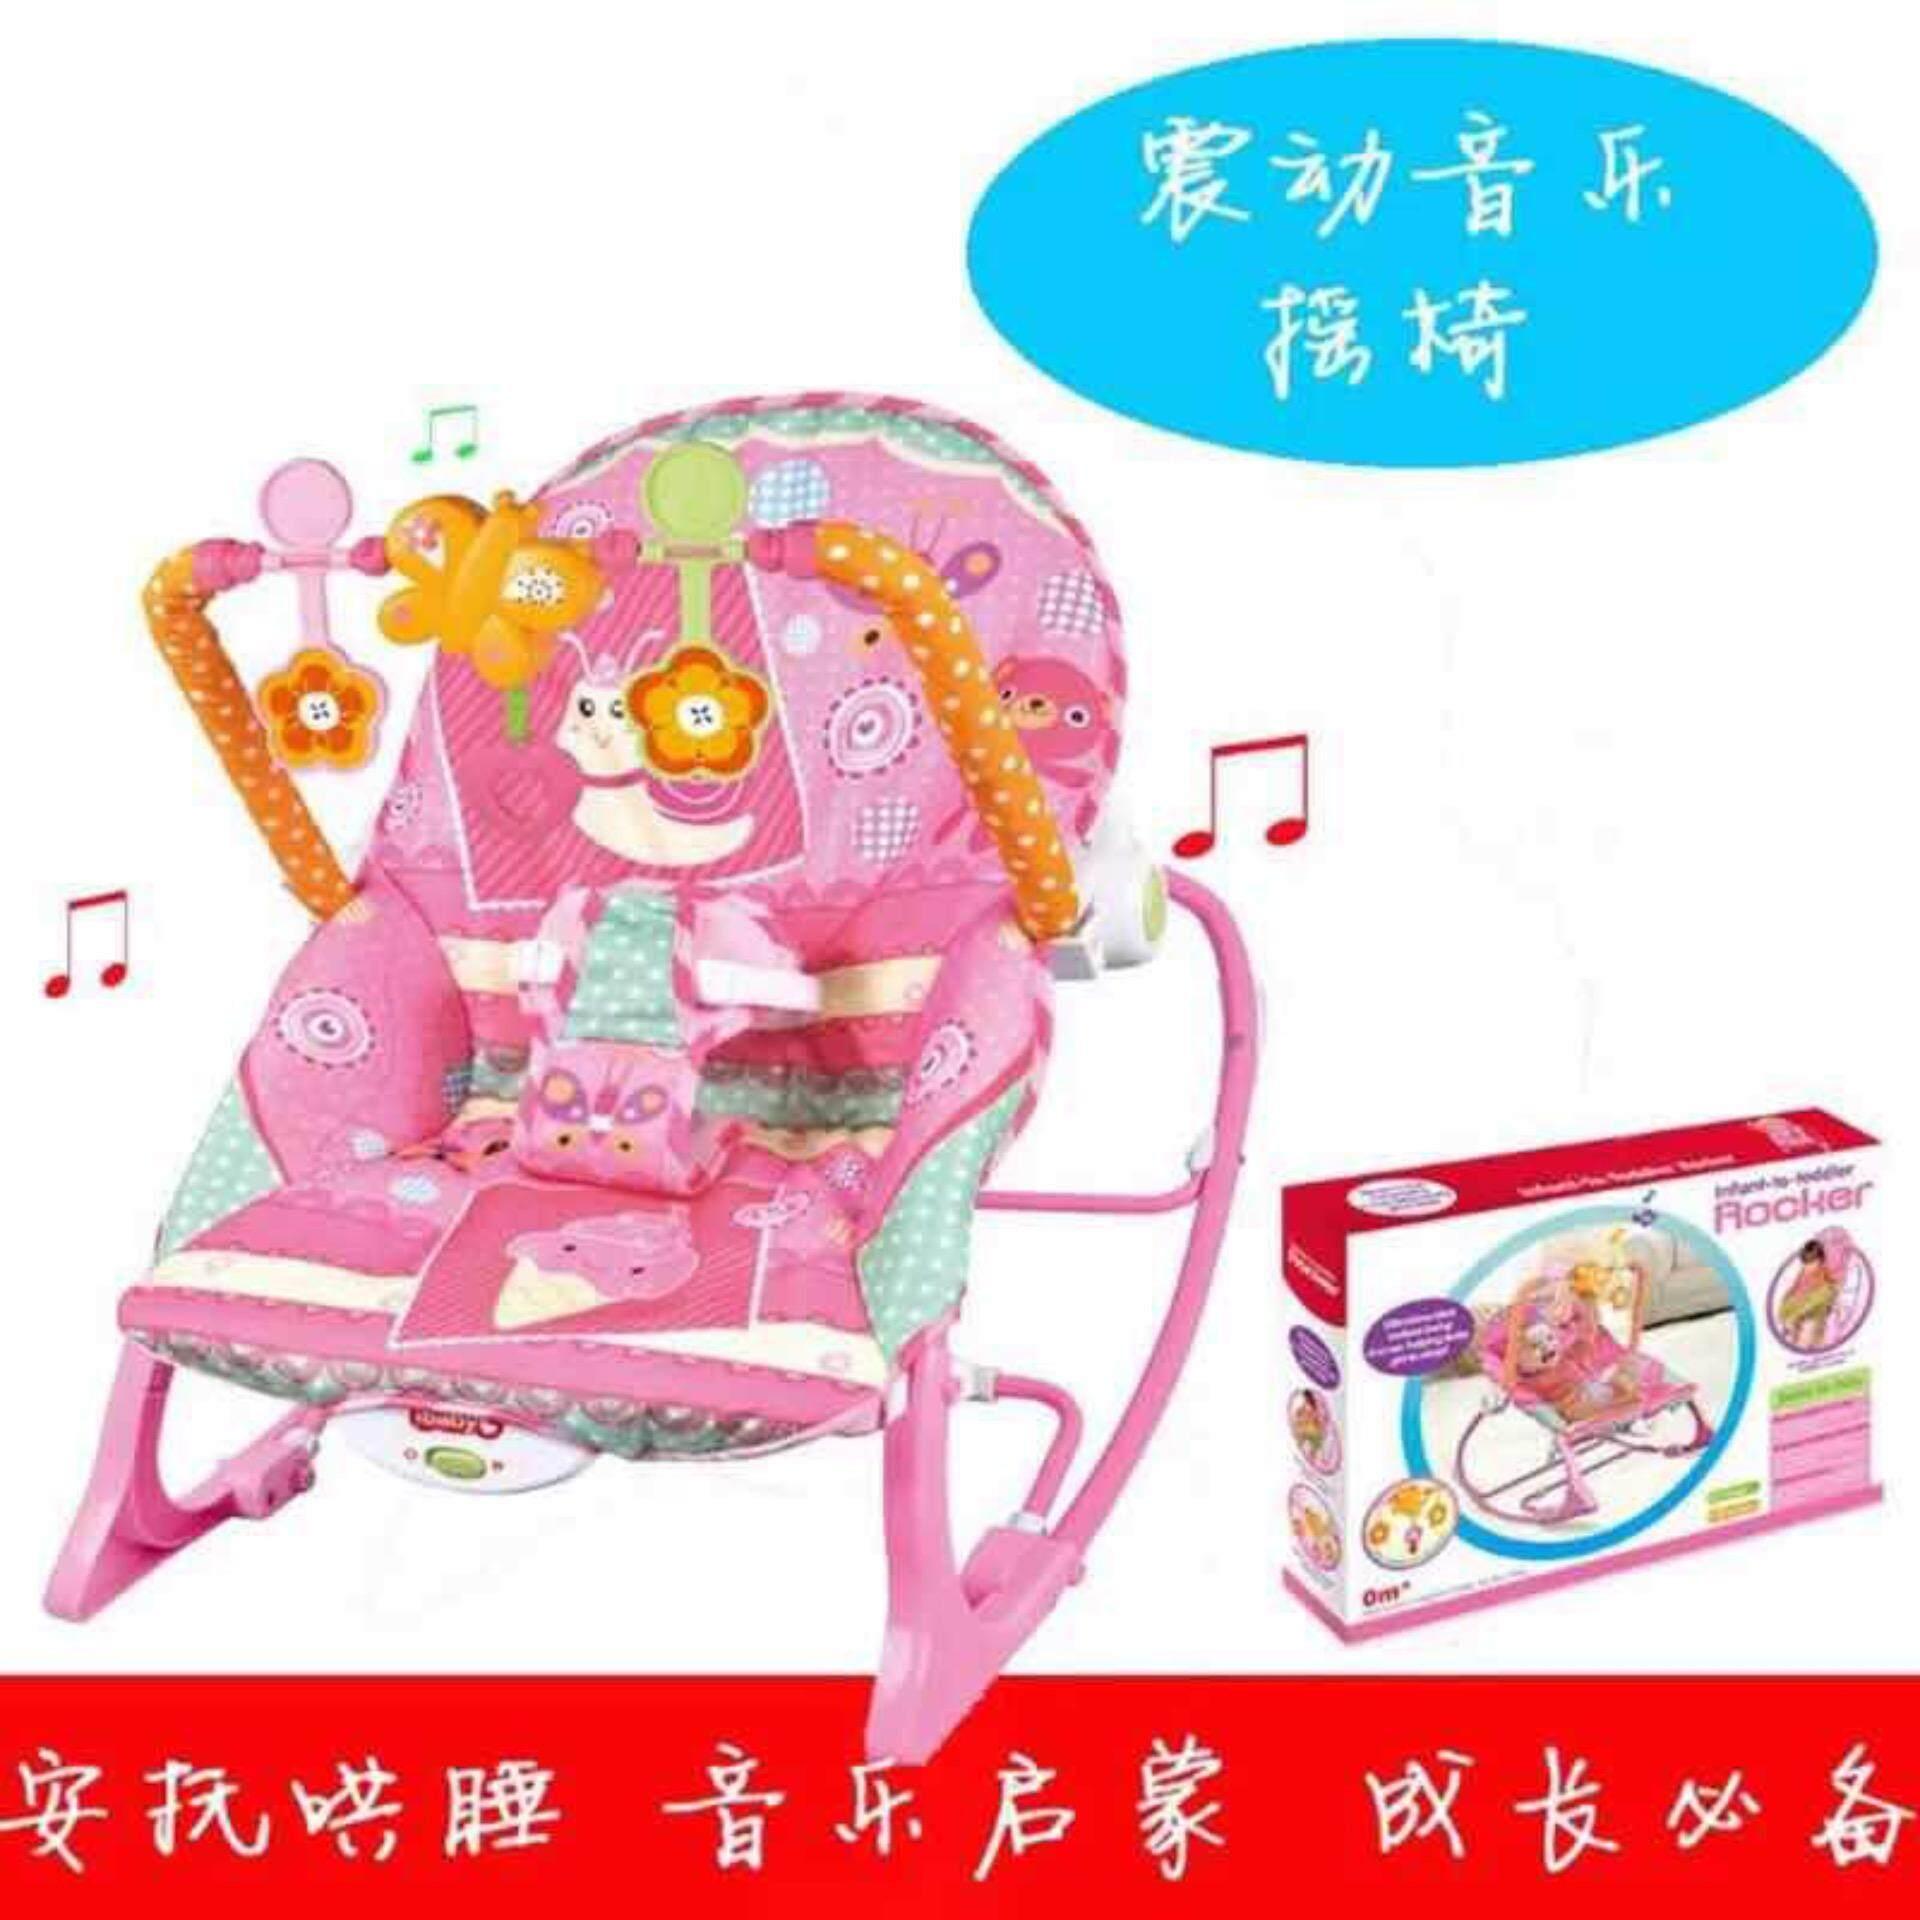 แนะนำ เปลเด็ก เปลโยกเด็ก เปลโยก I babyเสียงเพลง+ระบบสั่น สินค้าพร้อมส่ง